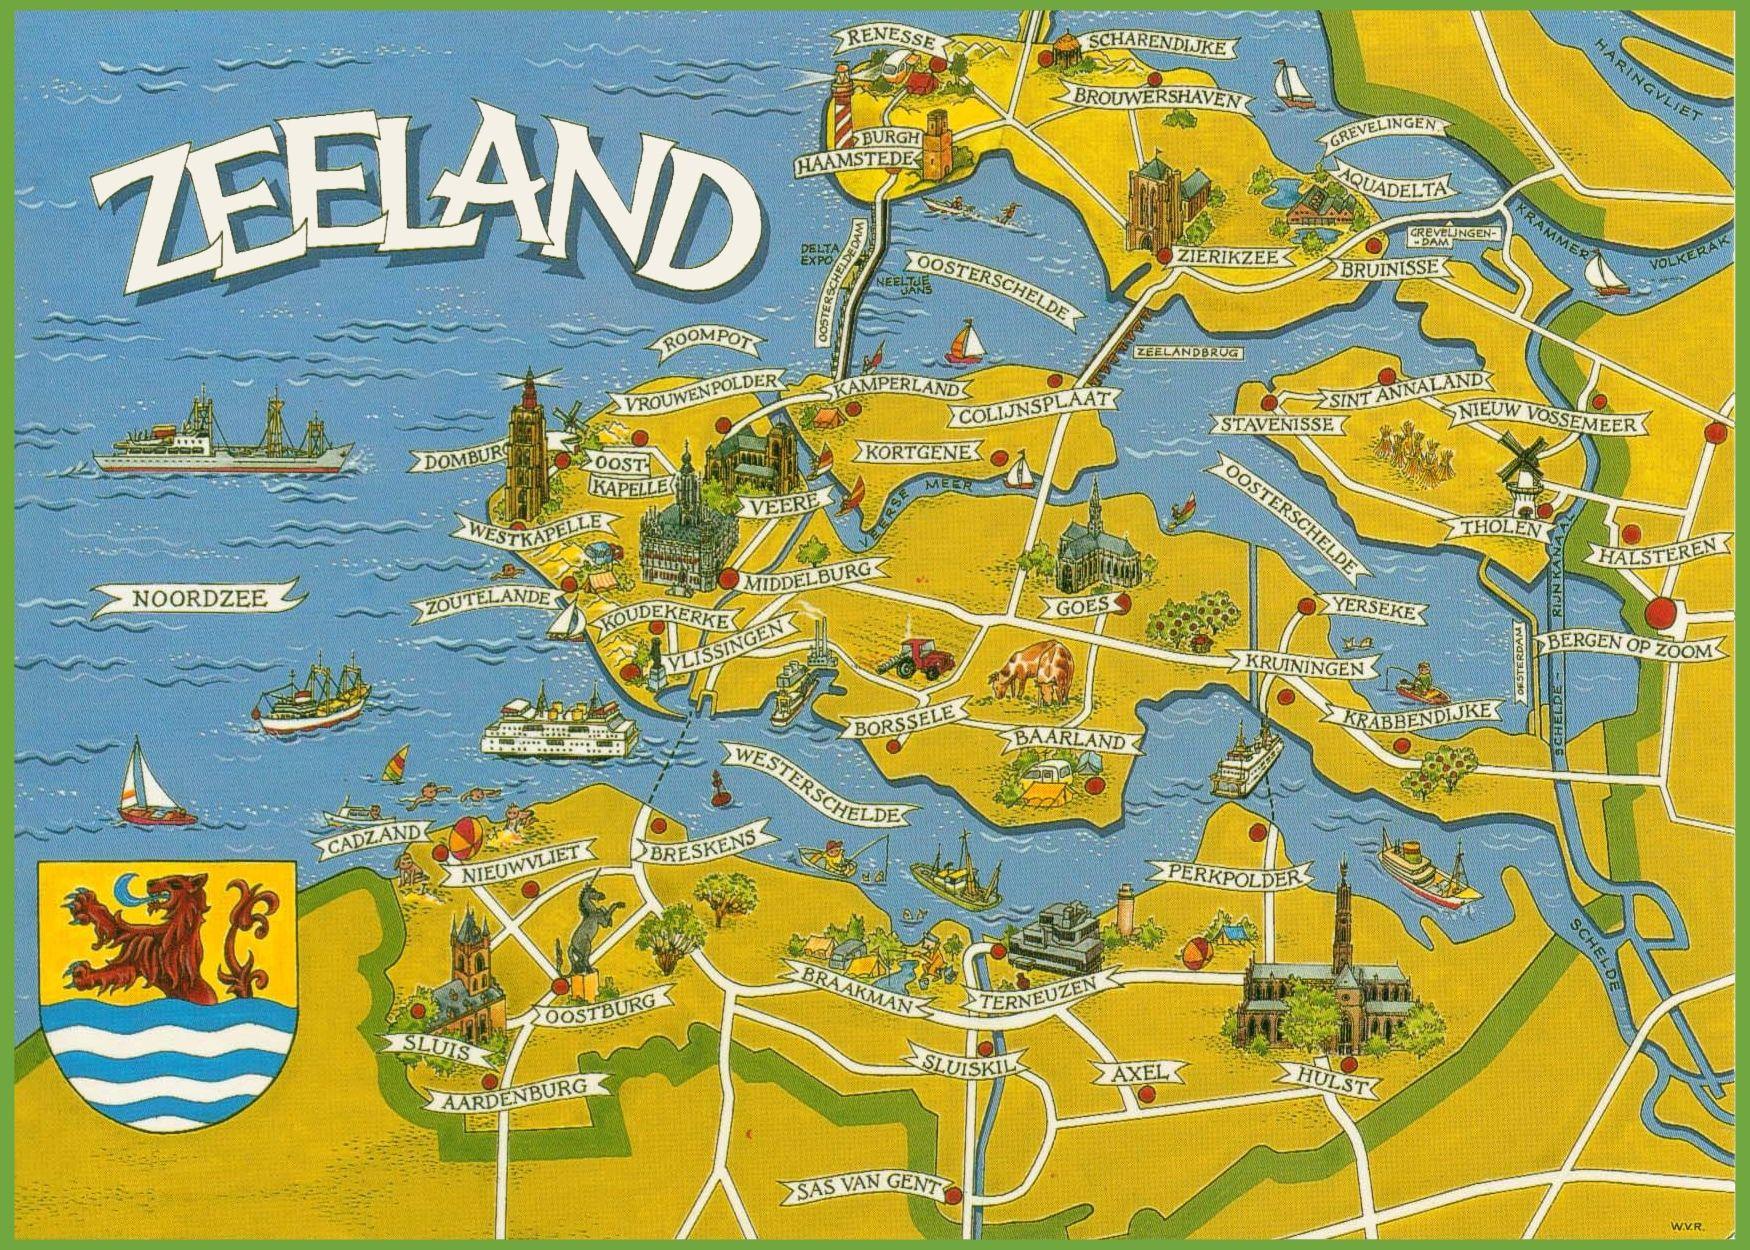 Zeeland Holland Karte.Zeeland Tourist Map The Netherlands In 2019 Tourist Map